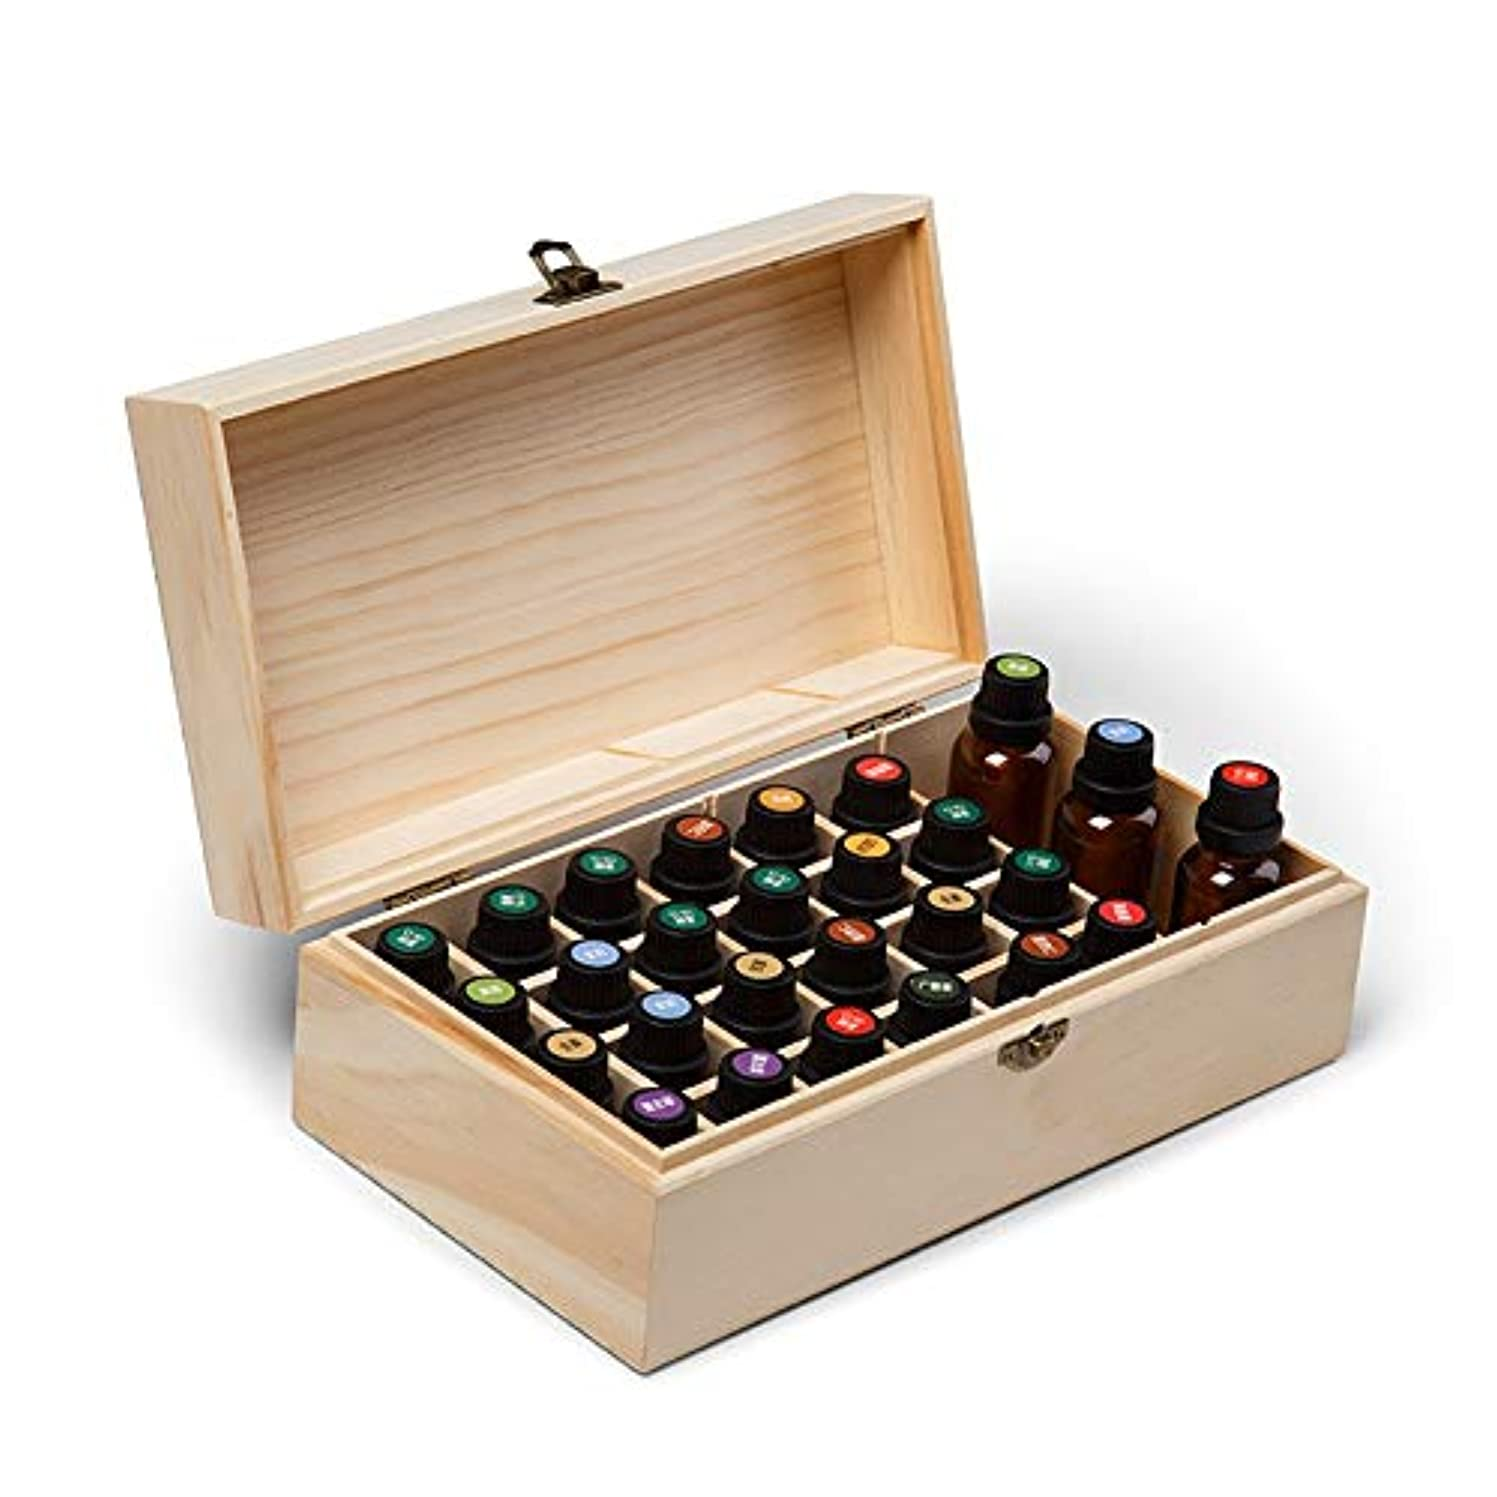 好む系統的純度精油ケース エッセンシャルオイル木製ボックス油の収納ケースは、25本のボトルナチュラルパインを開催します 携帯便利 (色 : Natural, サイズ : 27X15X10CM)